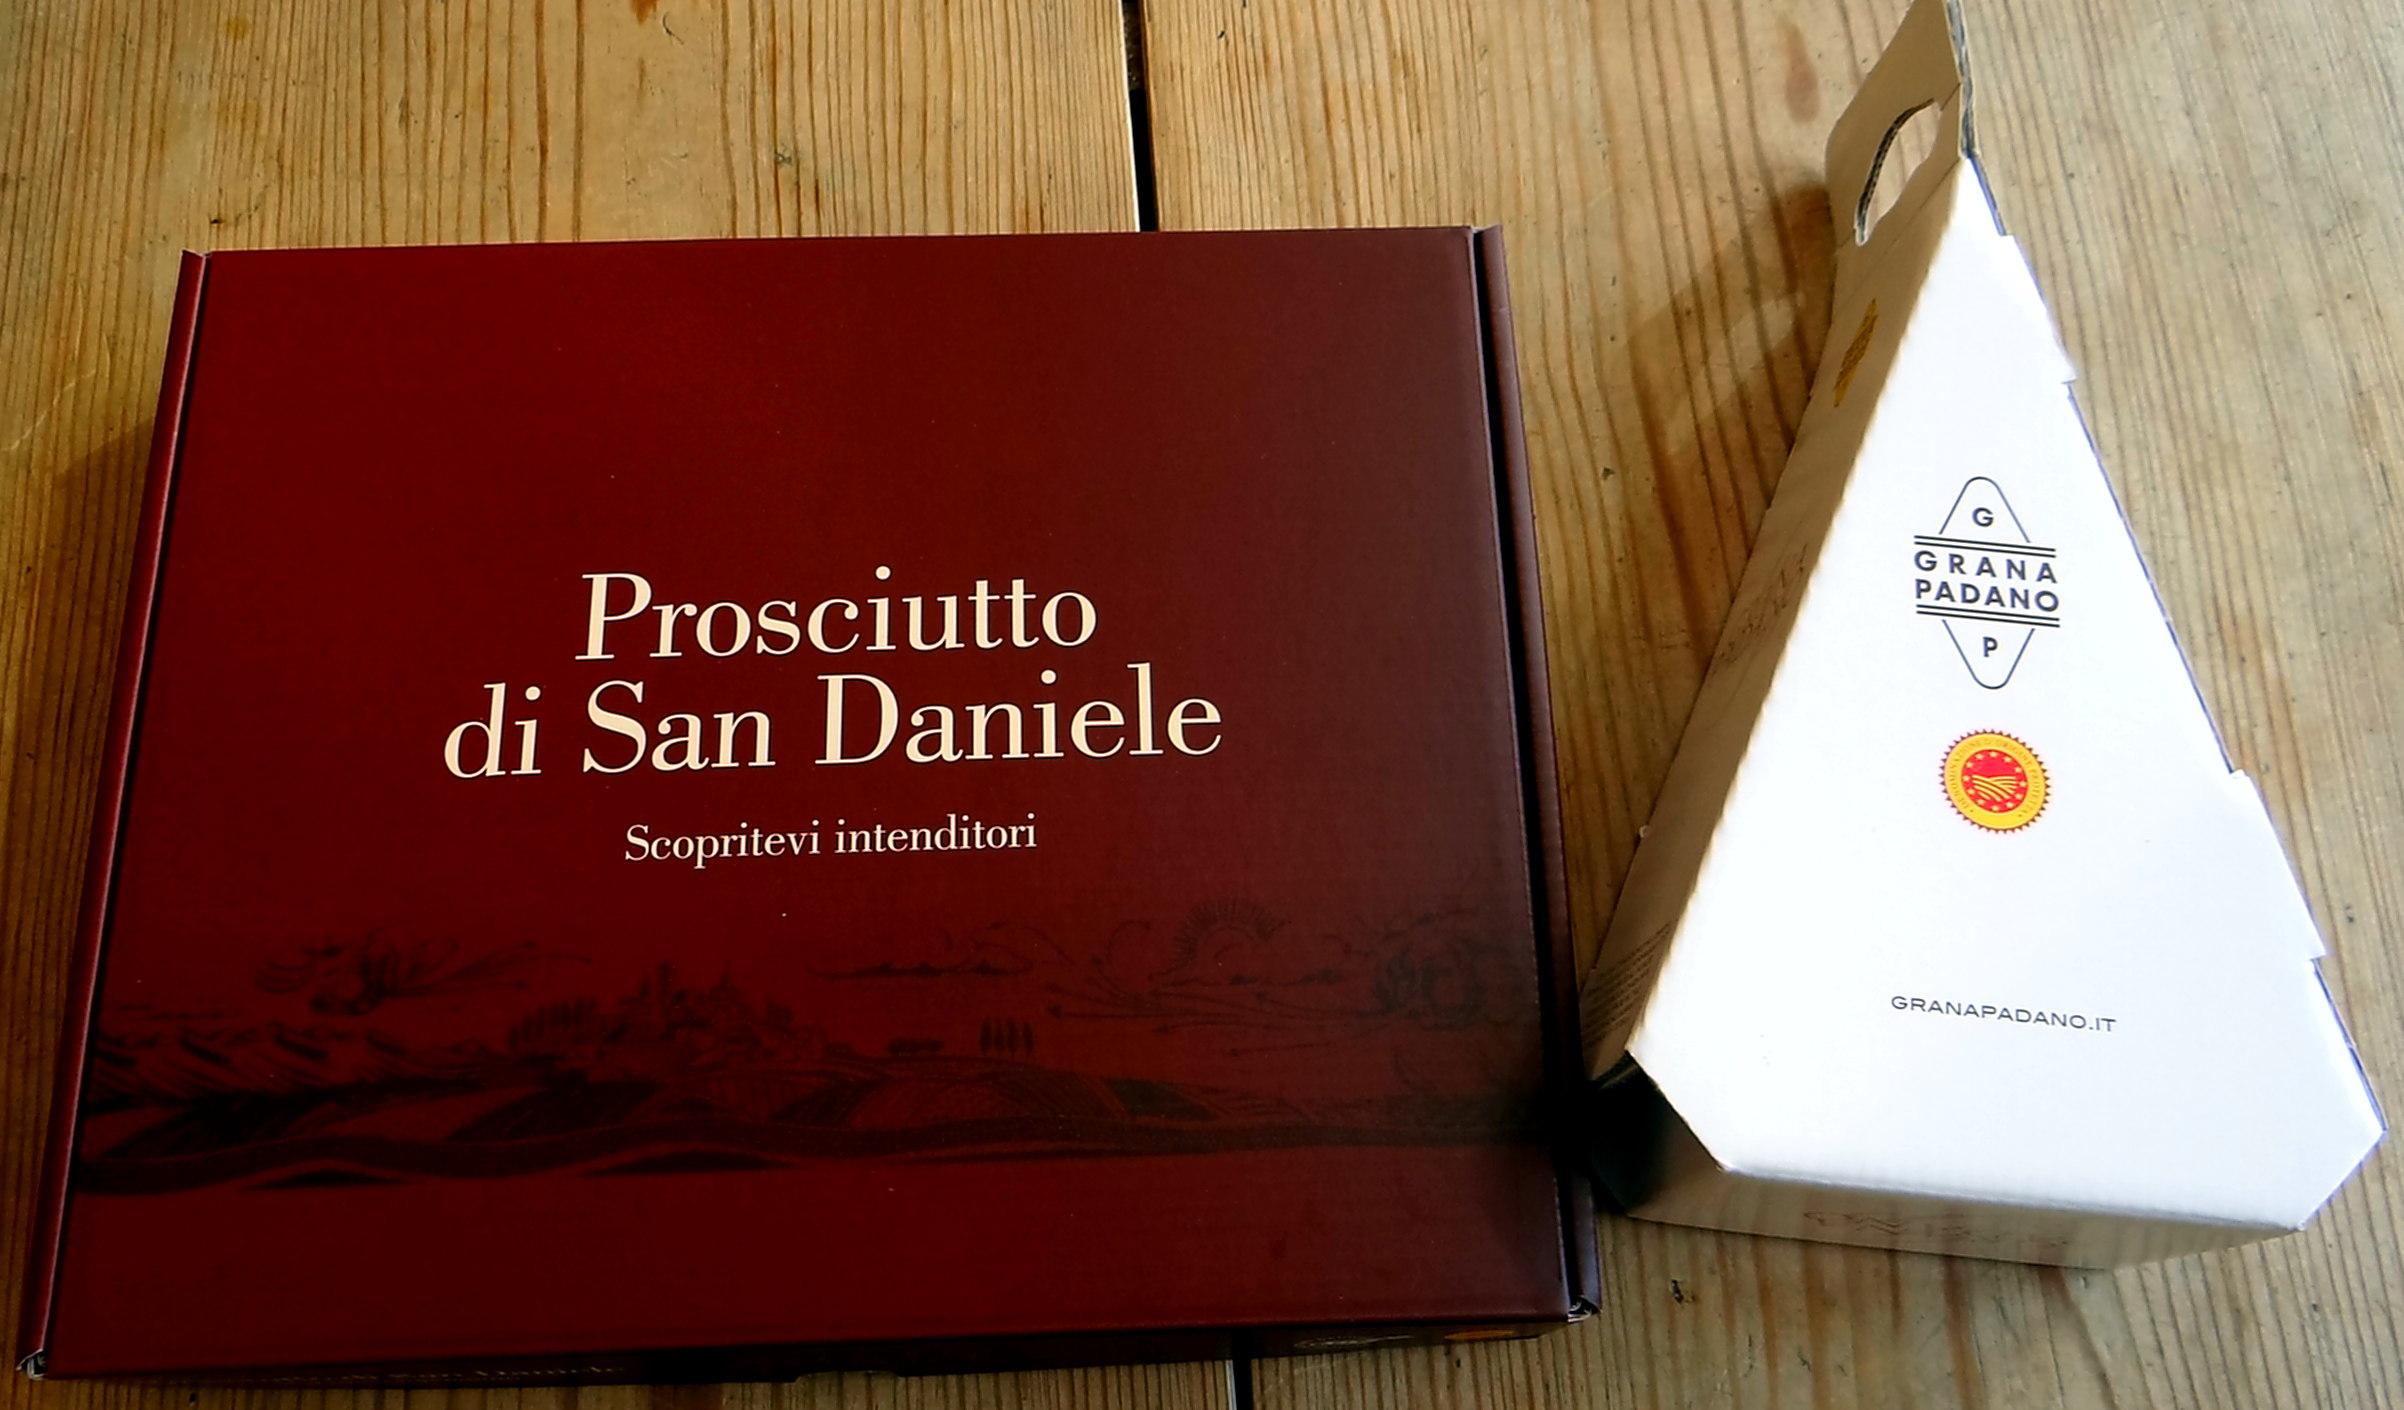 Spaghetti,Grana Padano,Prosciutto di San Daniele,grüner Spargel,Bärlauchpesto,Avocado (3)